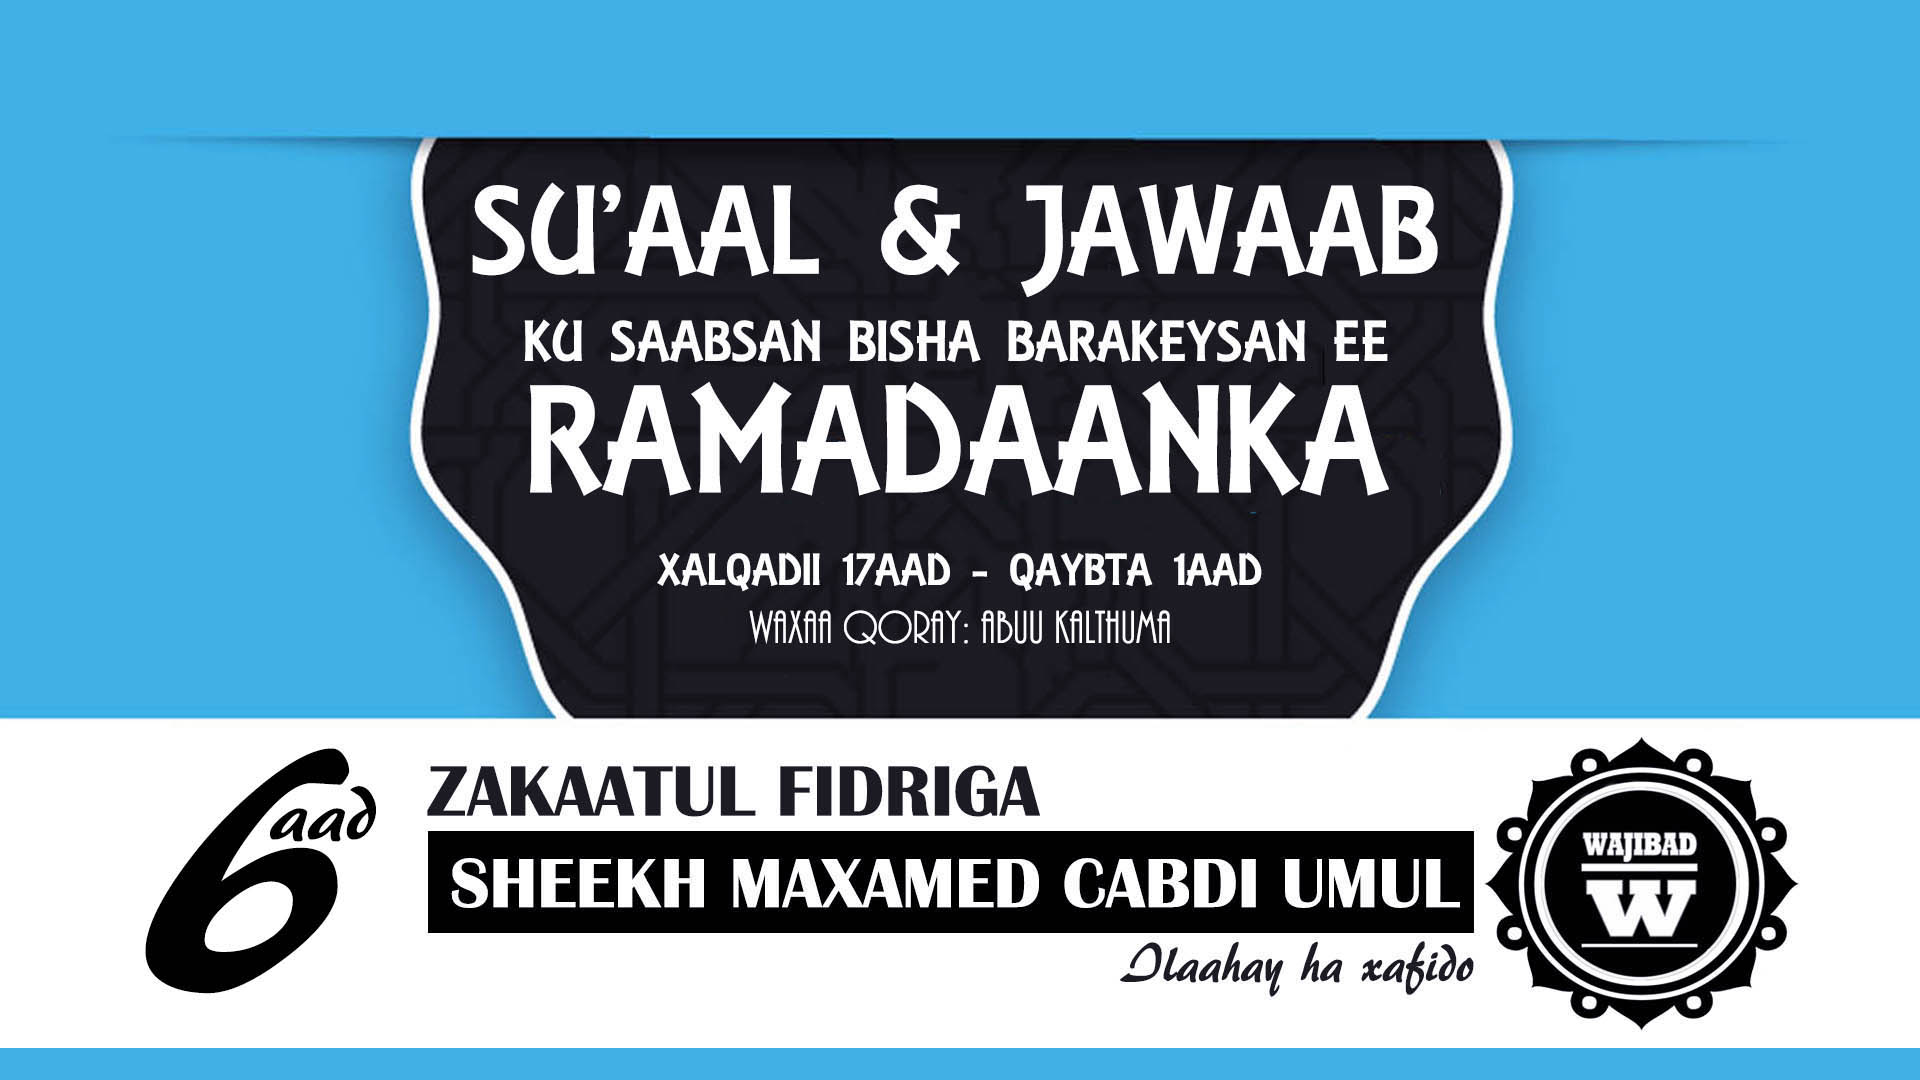 Su'aal & Jawaab Ku Saabsan Bisha Ramadaanka – Qaybta 6aad